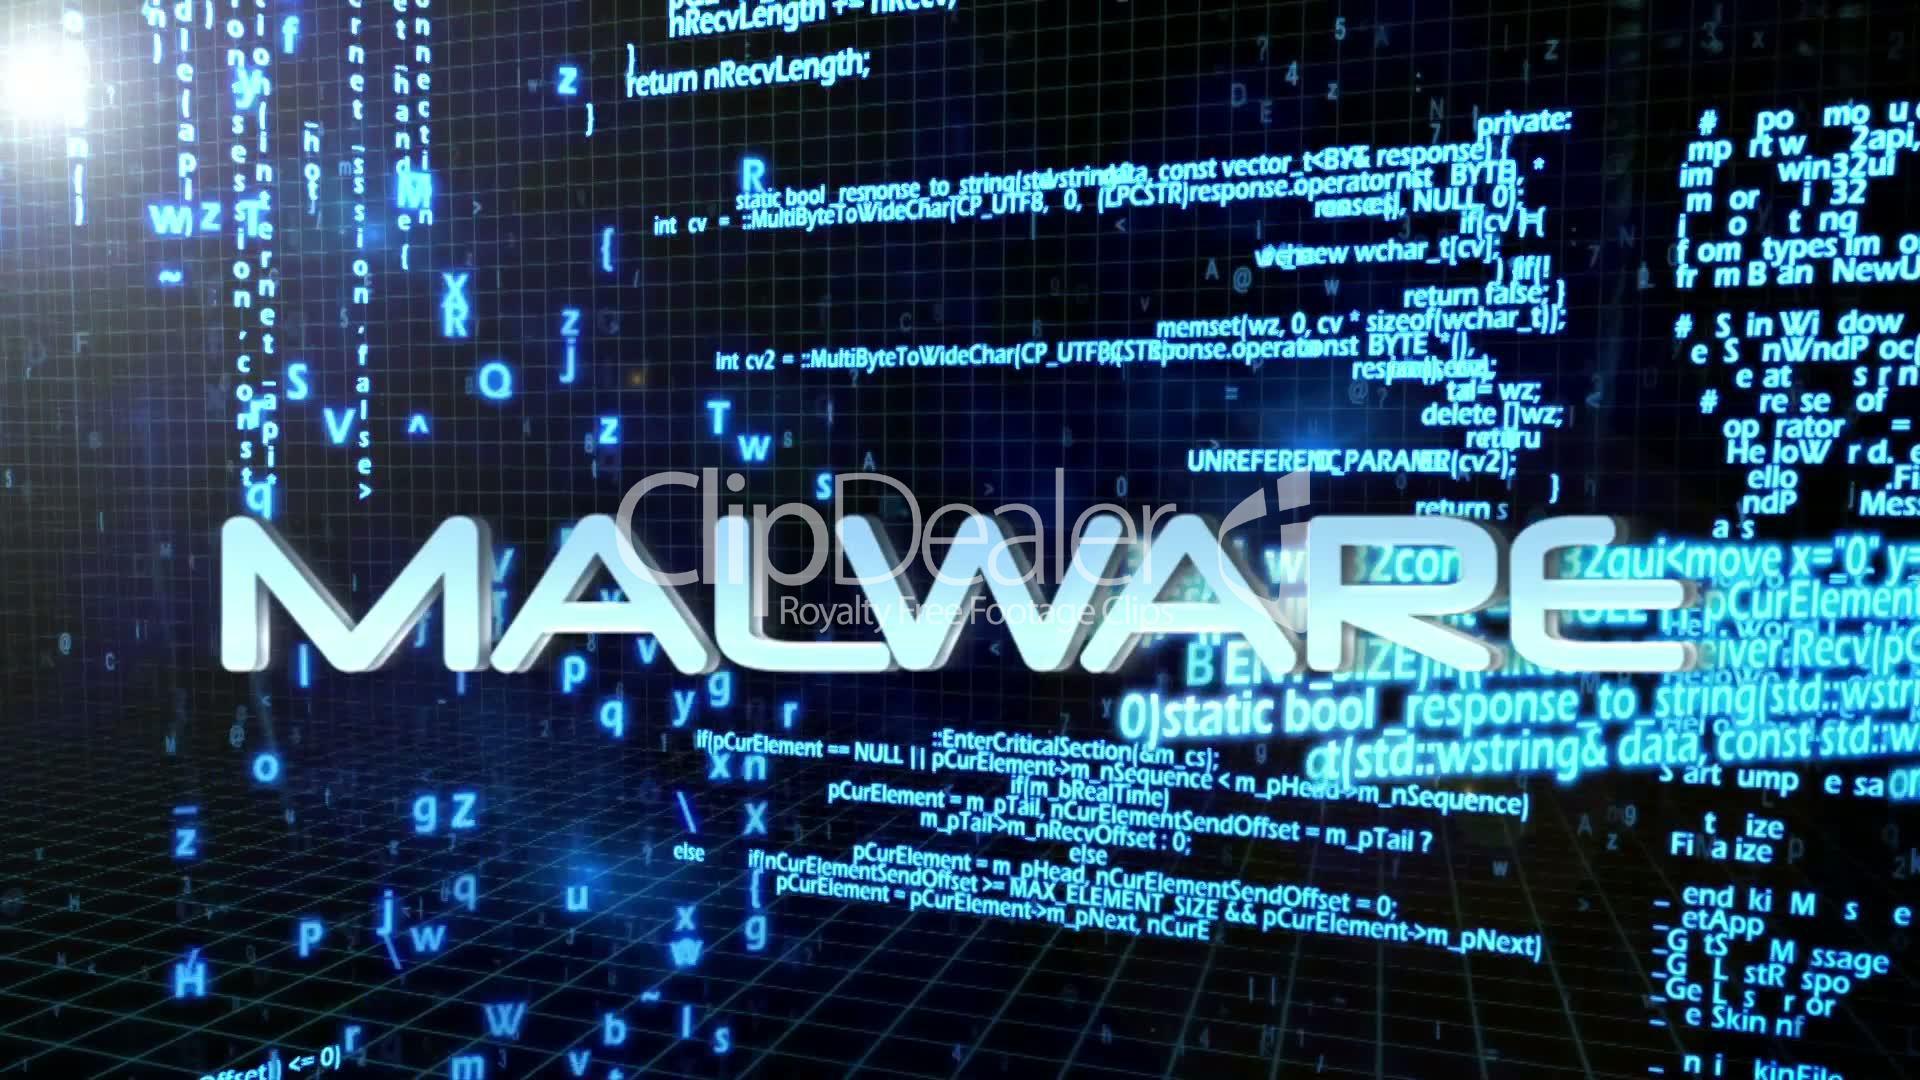 Distribuyen el malware Bartalex que a su vez distribuye el troyano Dyre